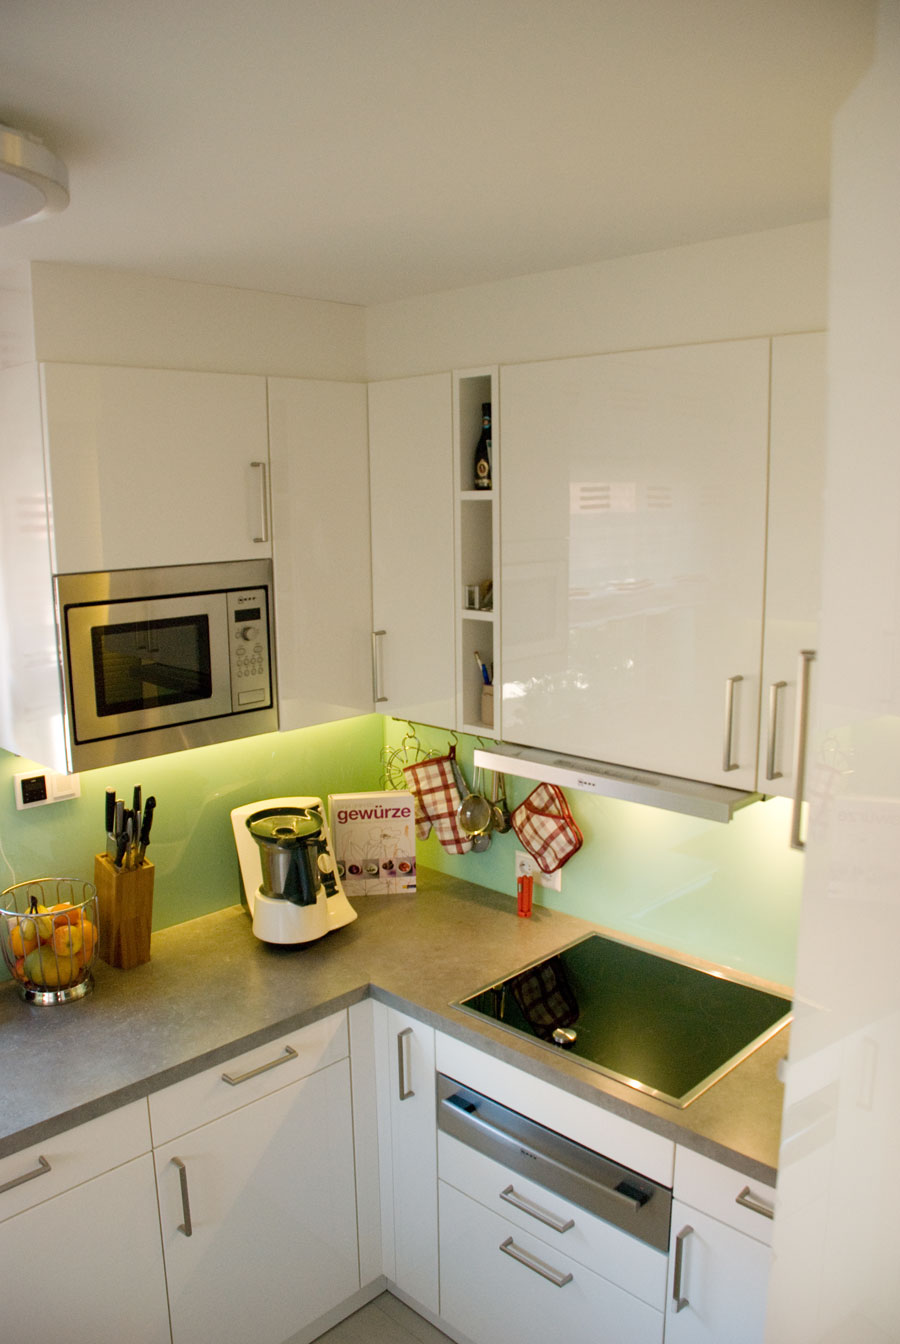 Kuchen Ikea Beste Inspiration F R Ihr Interior Design